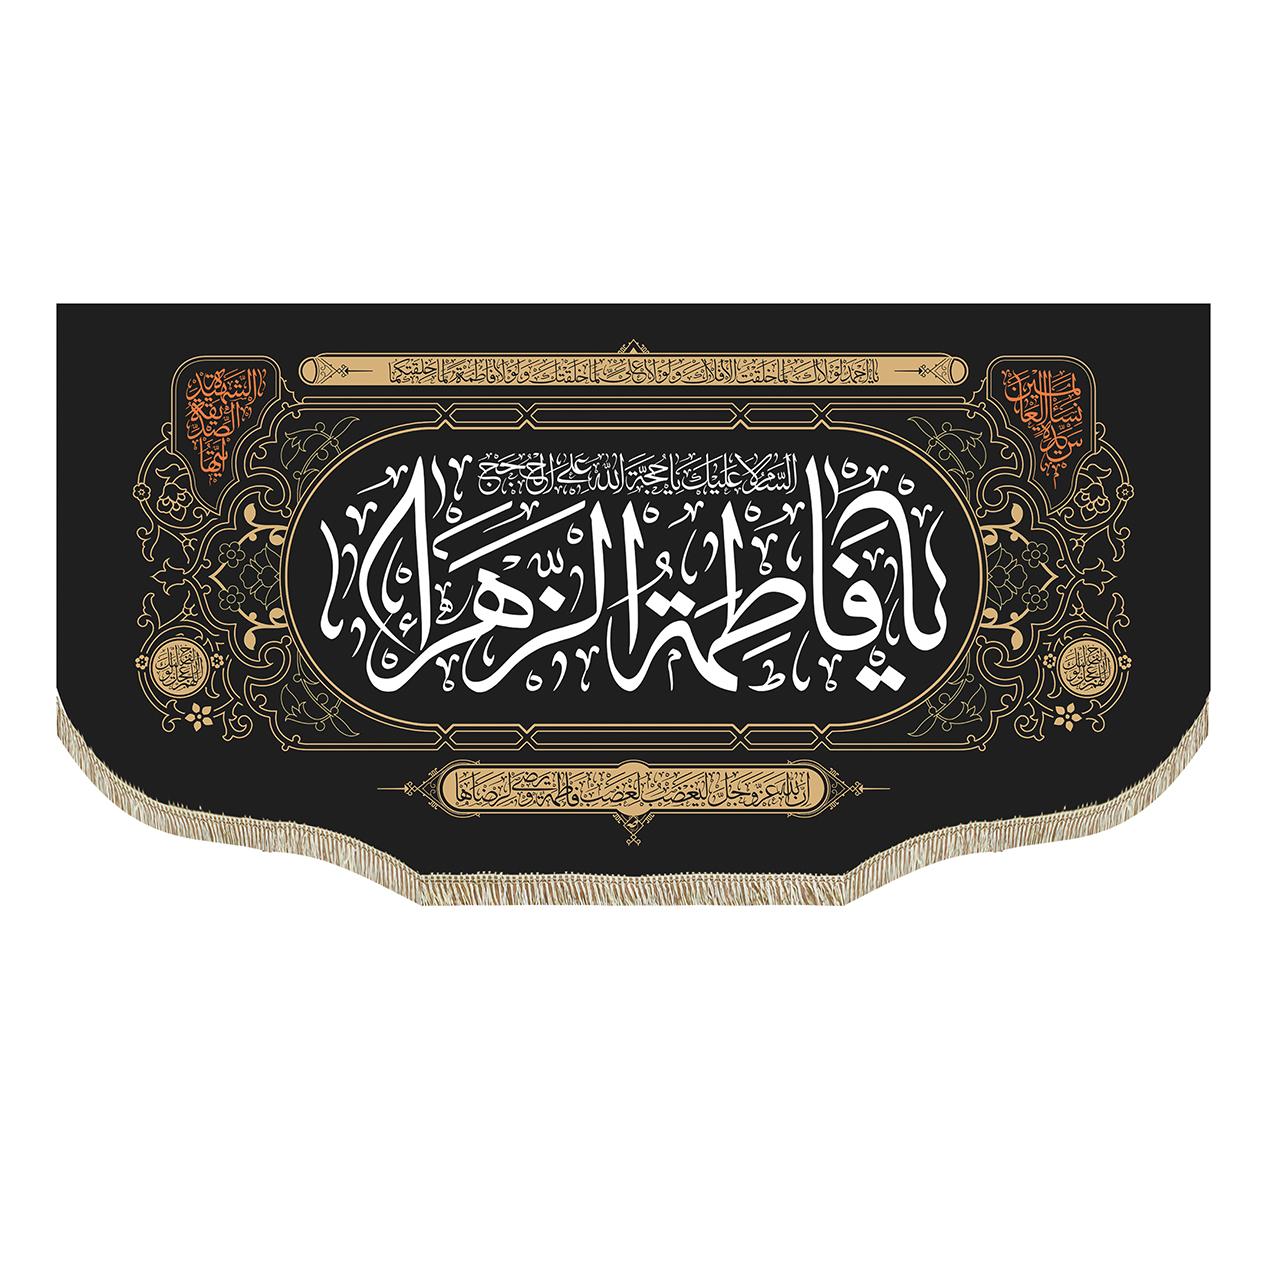 پرچم  طرح یا فاطمة الزهرا کد pr134